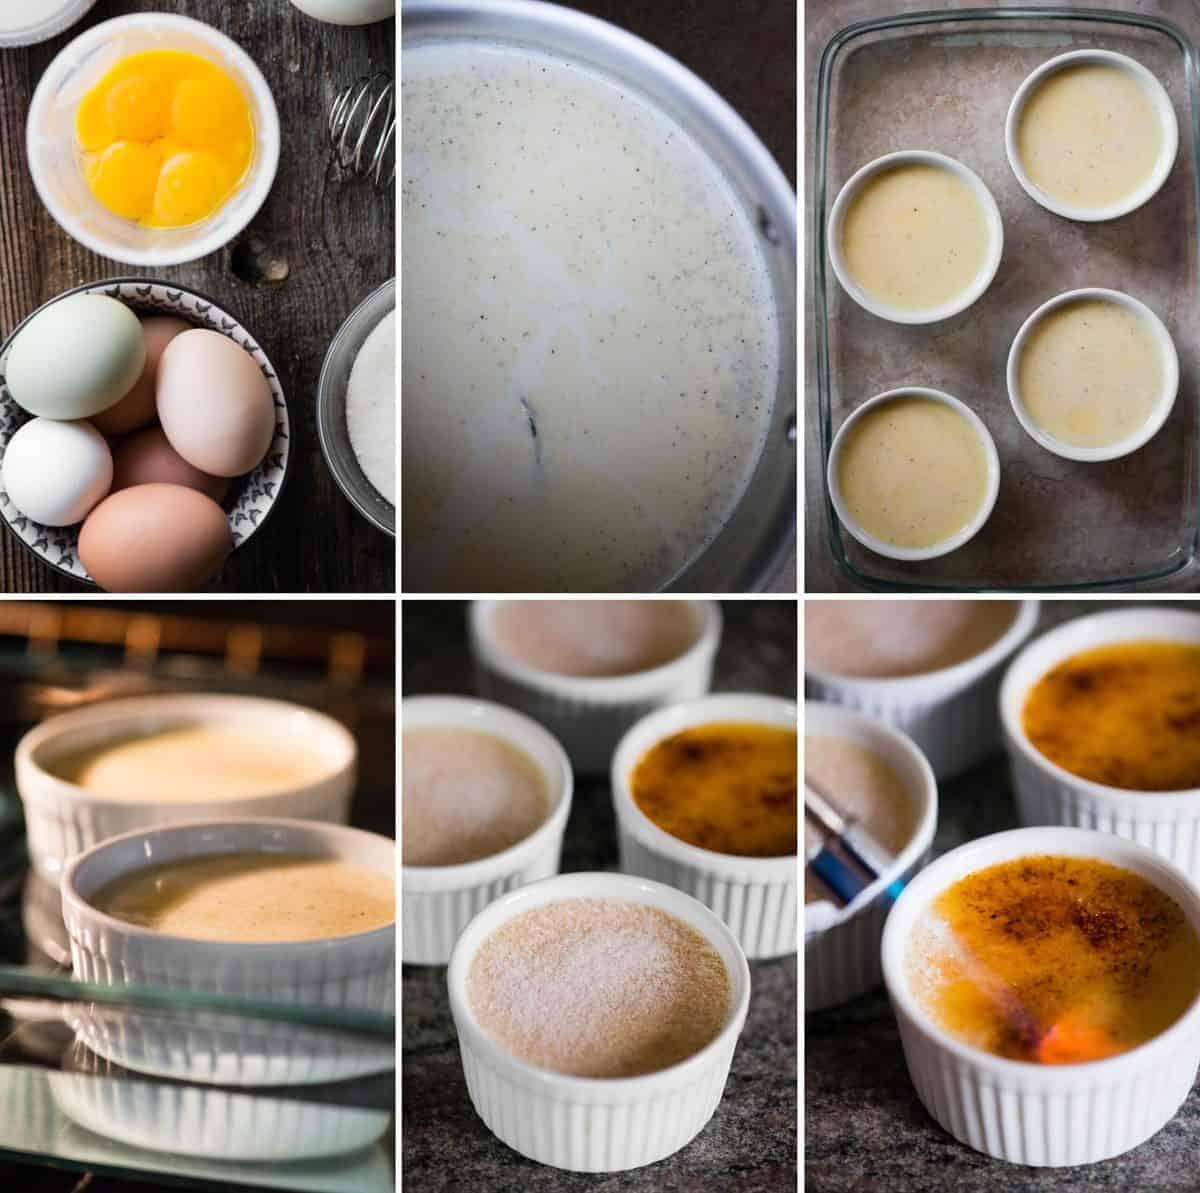 step by step photos of how to make homemade Crème Brûlée